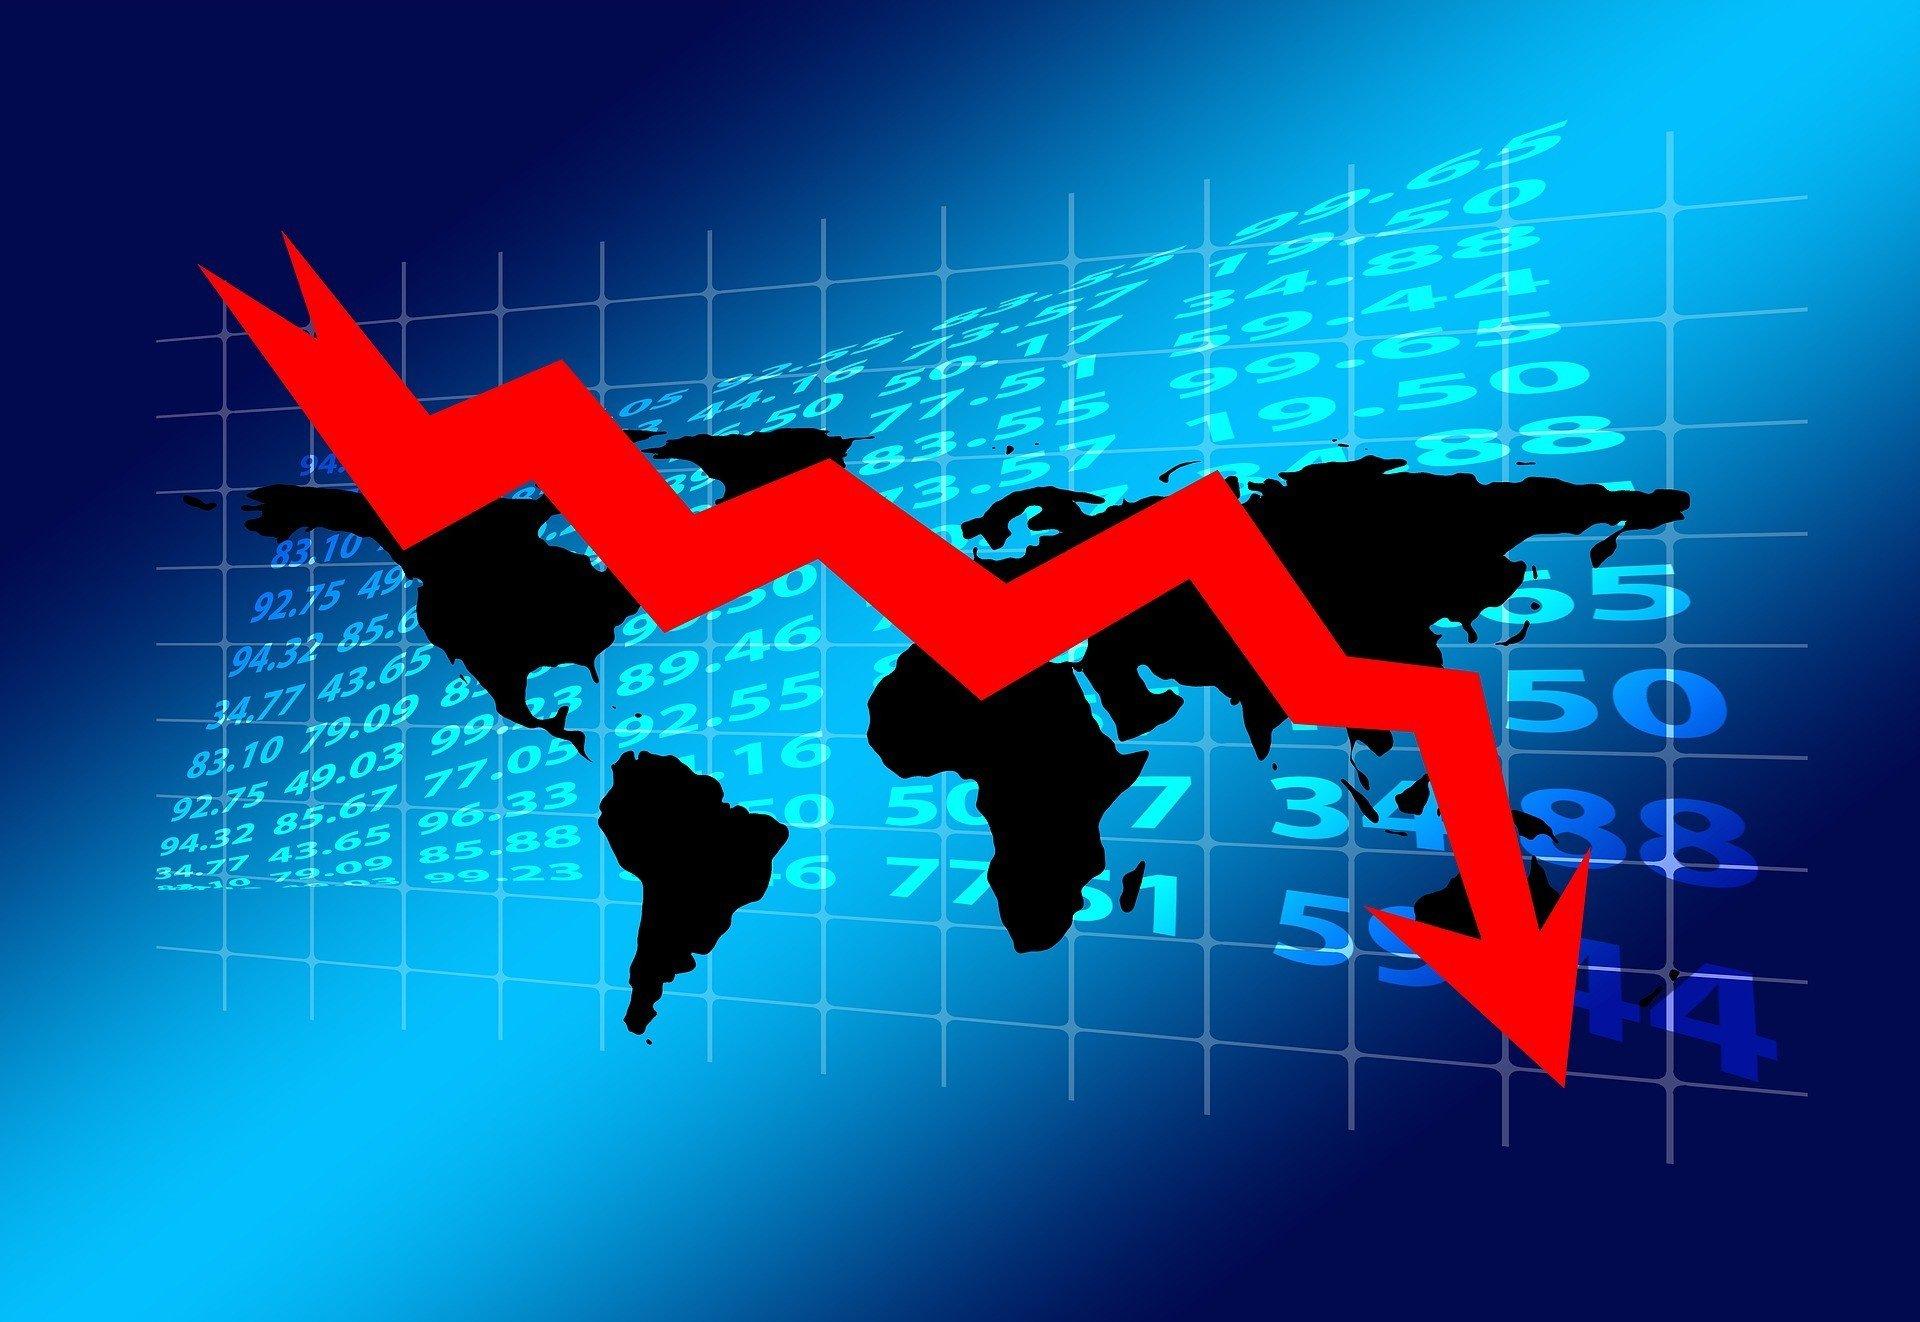 Будет ли пандемия способствовать дальнейшему росту ACaaS и VSaaS?